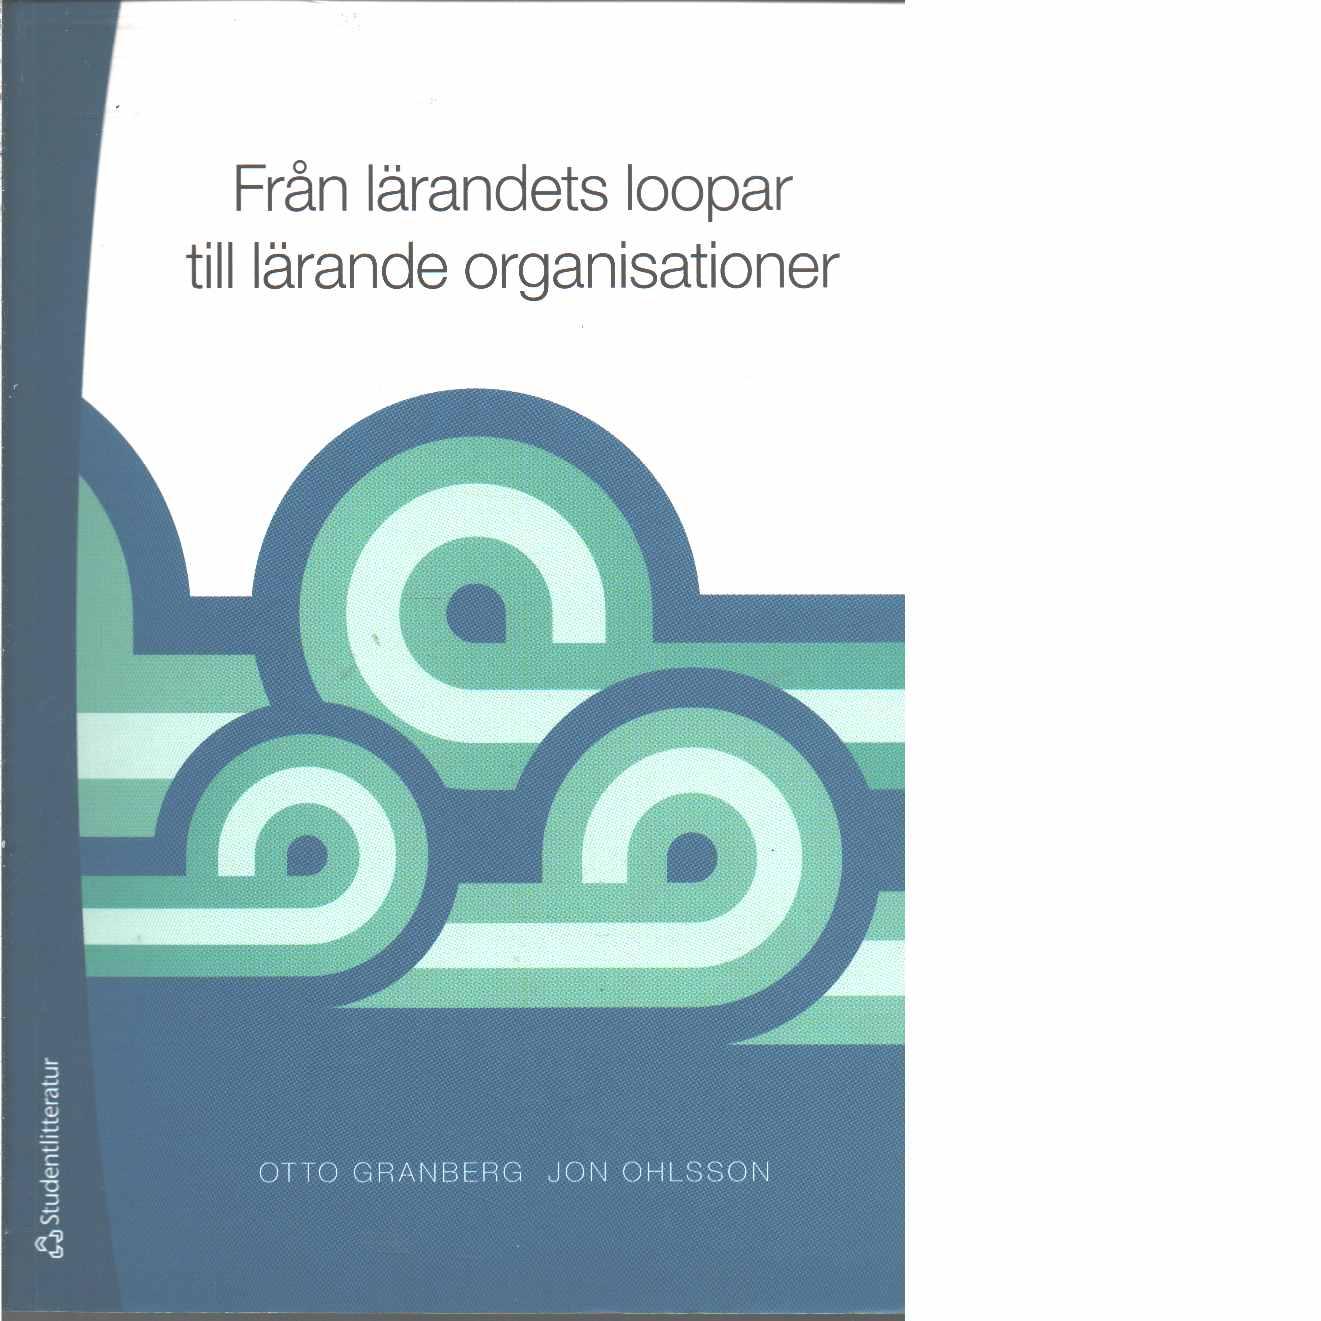 Från lärandets loopar till lärande organisationer - Granberg, Otto och Ohlsson, Jon